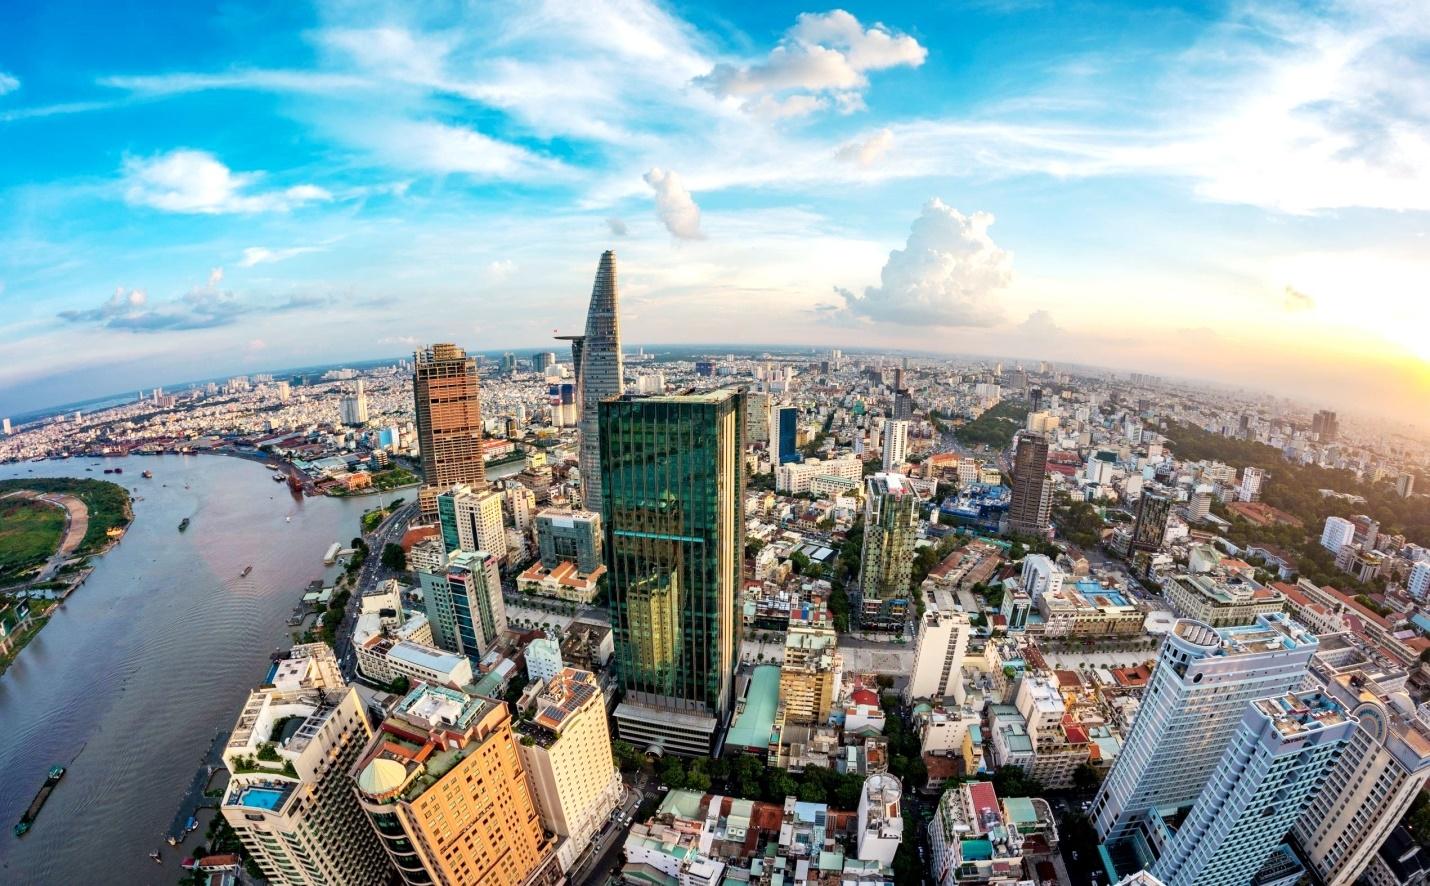 Thành phố Hồ Chí Minh sẽ trở thành đô thị thông minh vào năm 2025